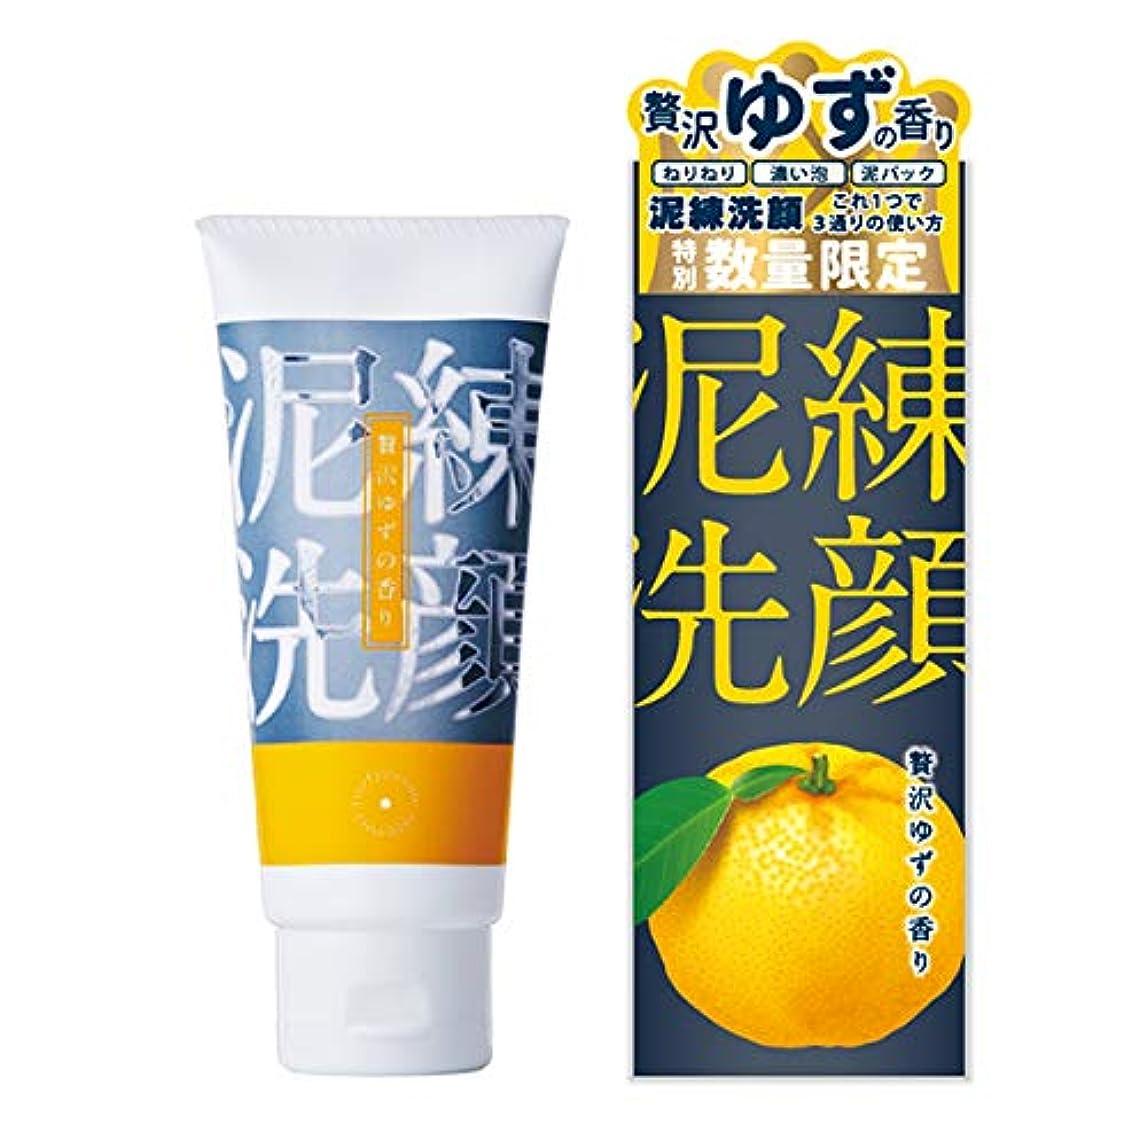 ファンシーループ保全泥練洗顔 贅沢ゆずの香り 120g